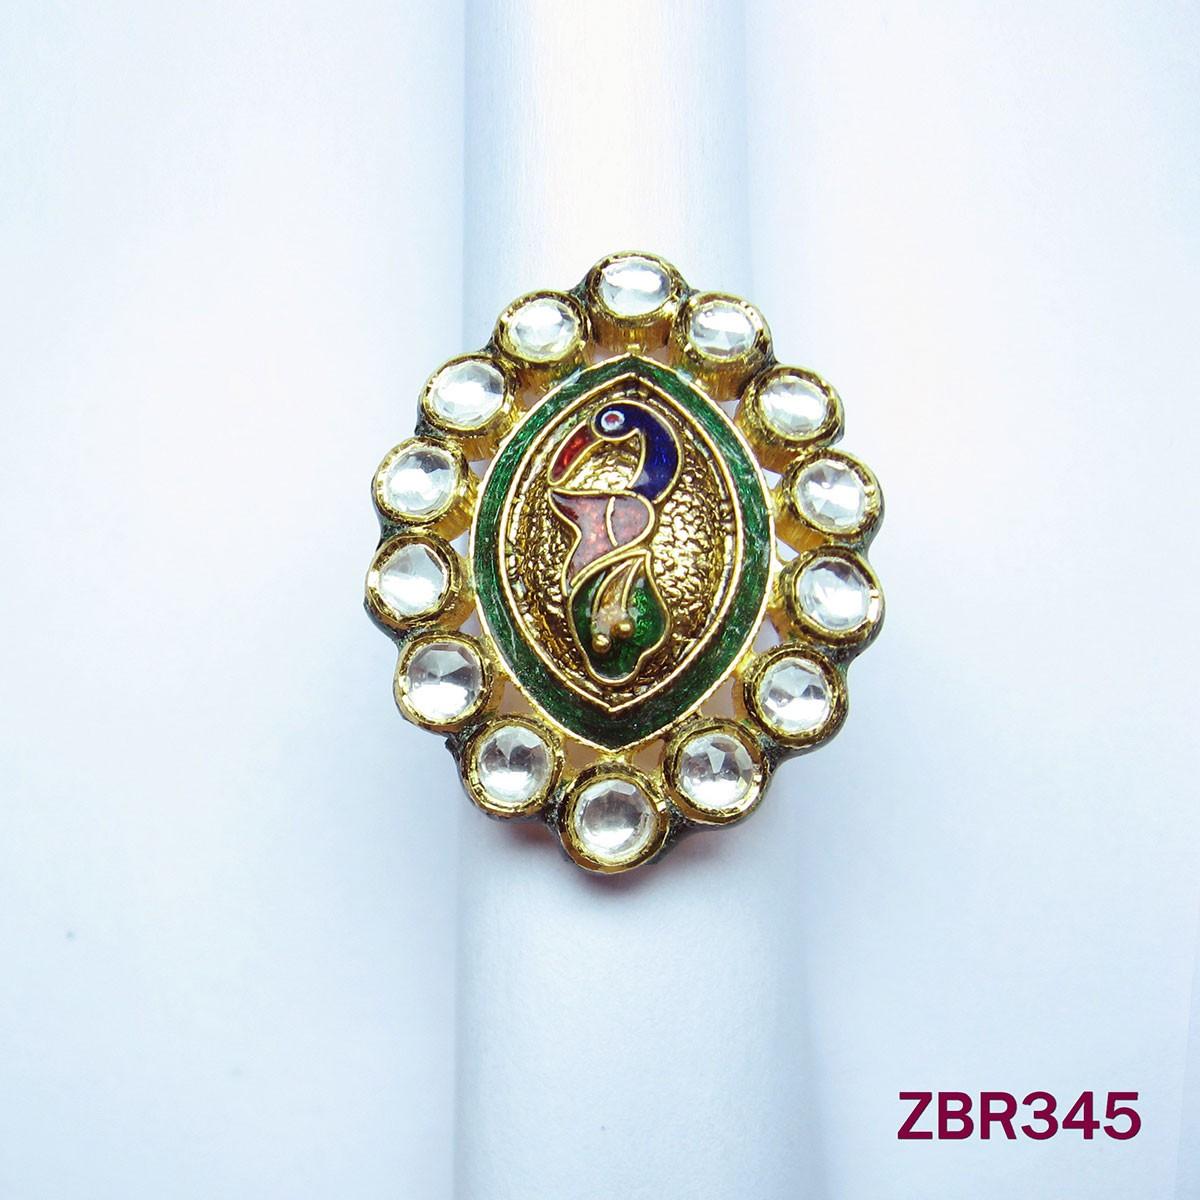 ZBR345